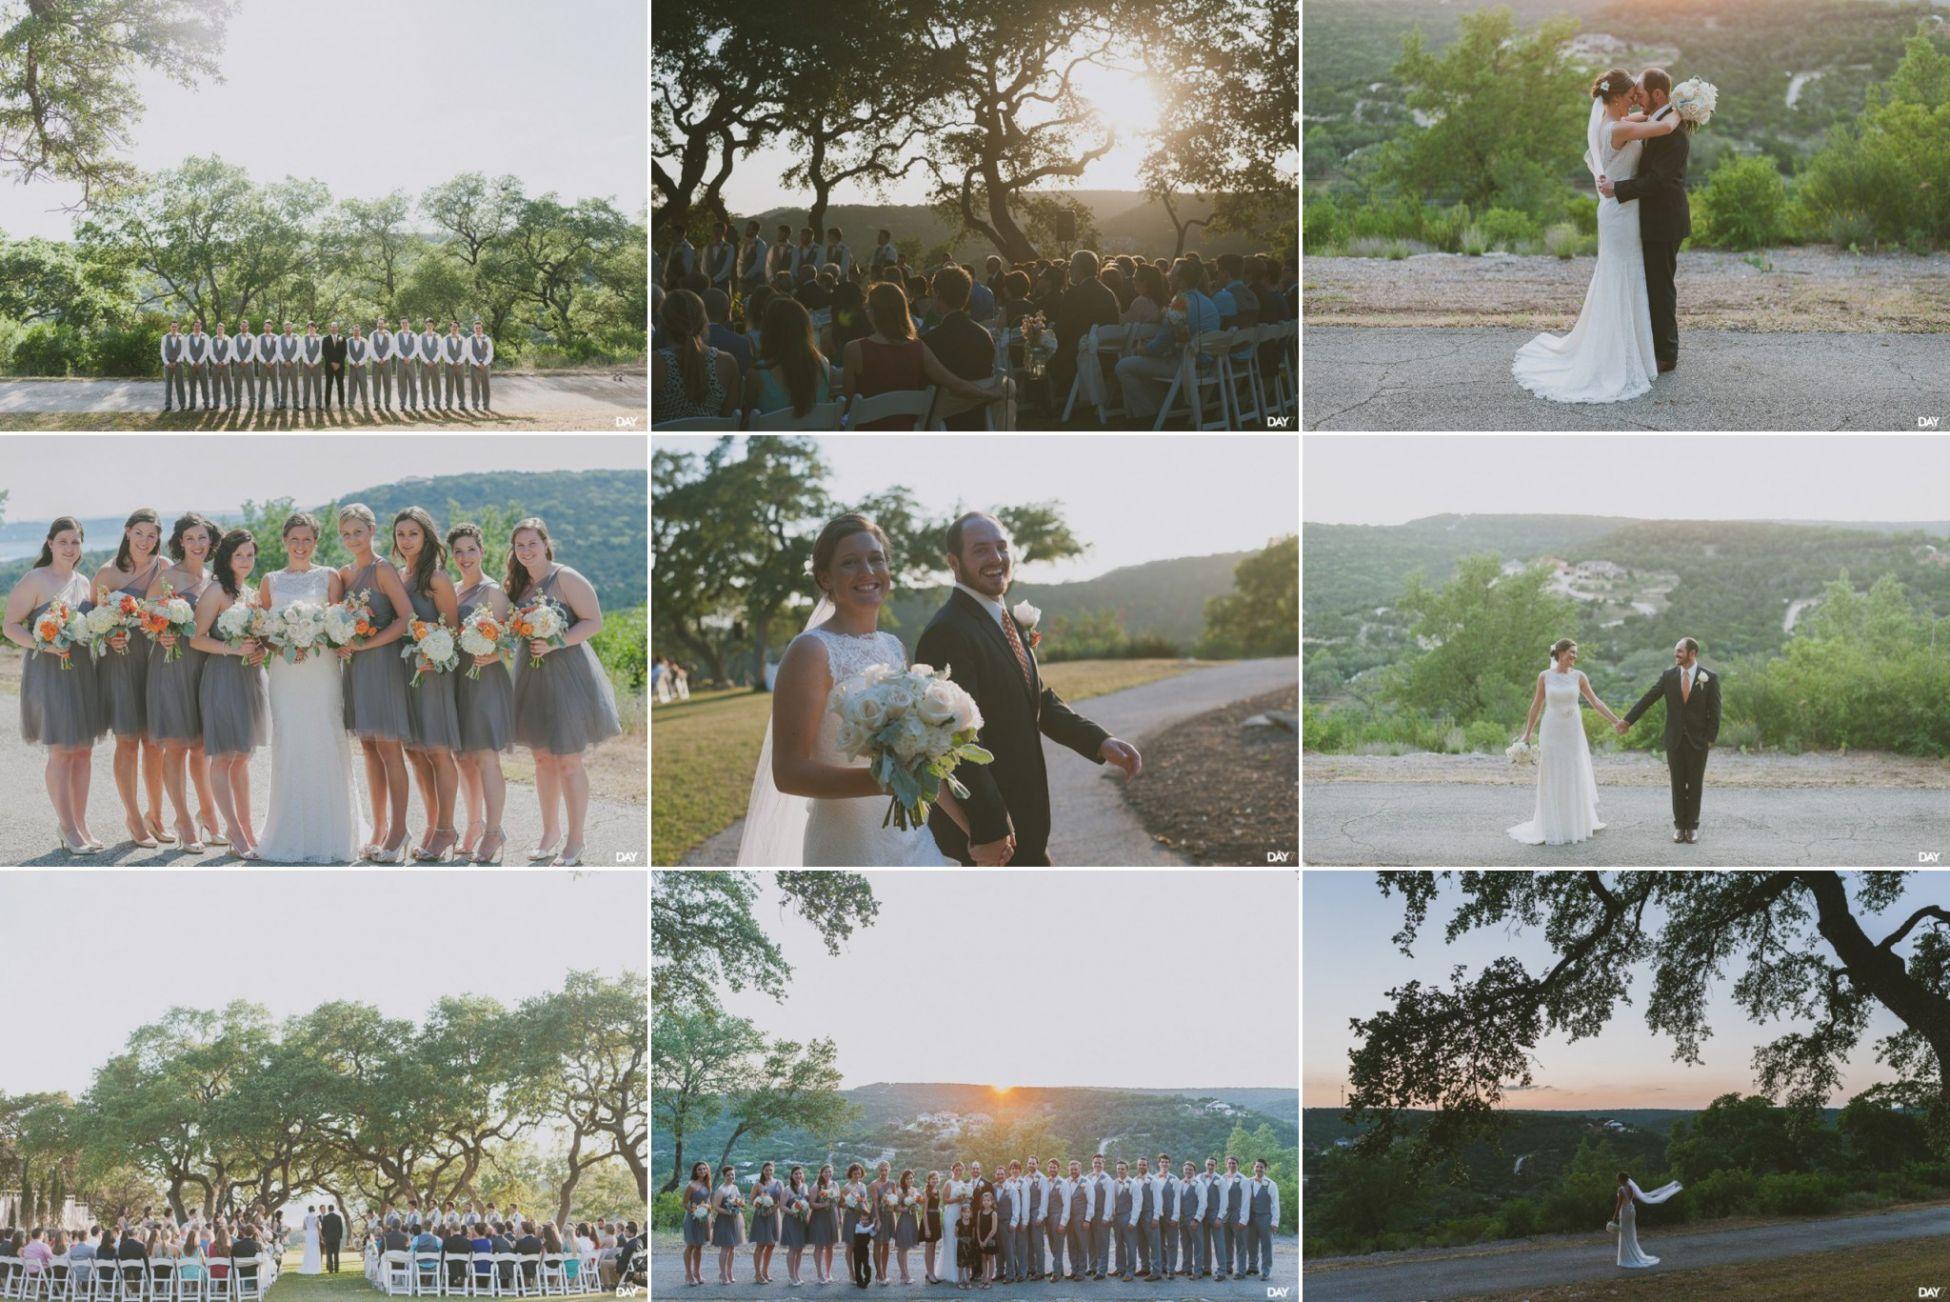 hacienda-del-lago-wedding-photography-08